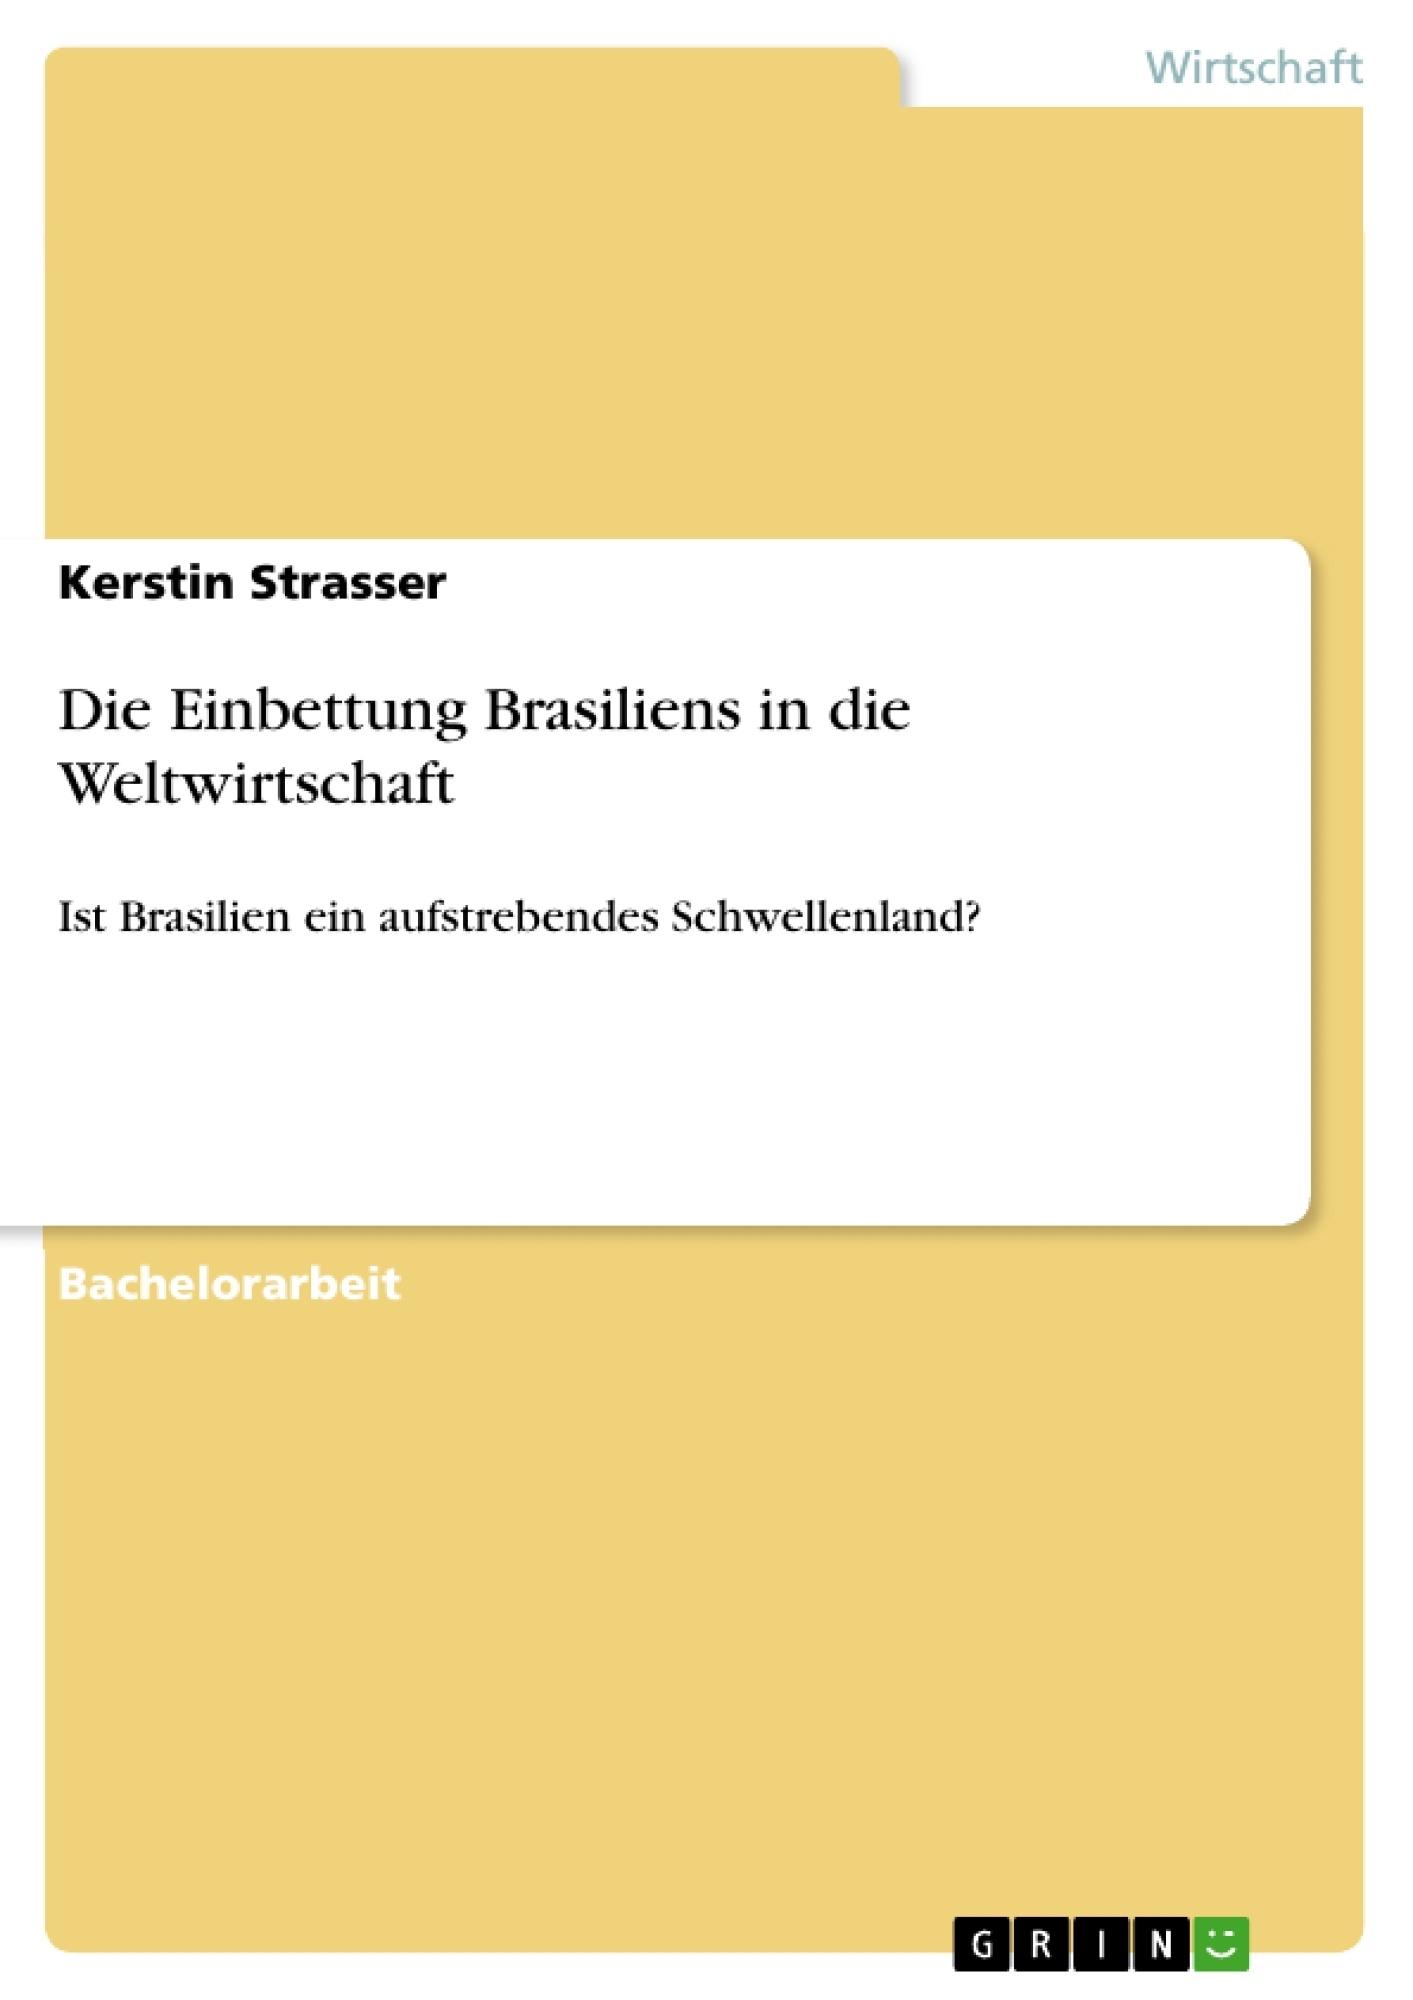 Titel: Die Einbettung Brasiliens in die Weltwirtschaft